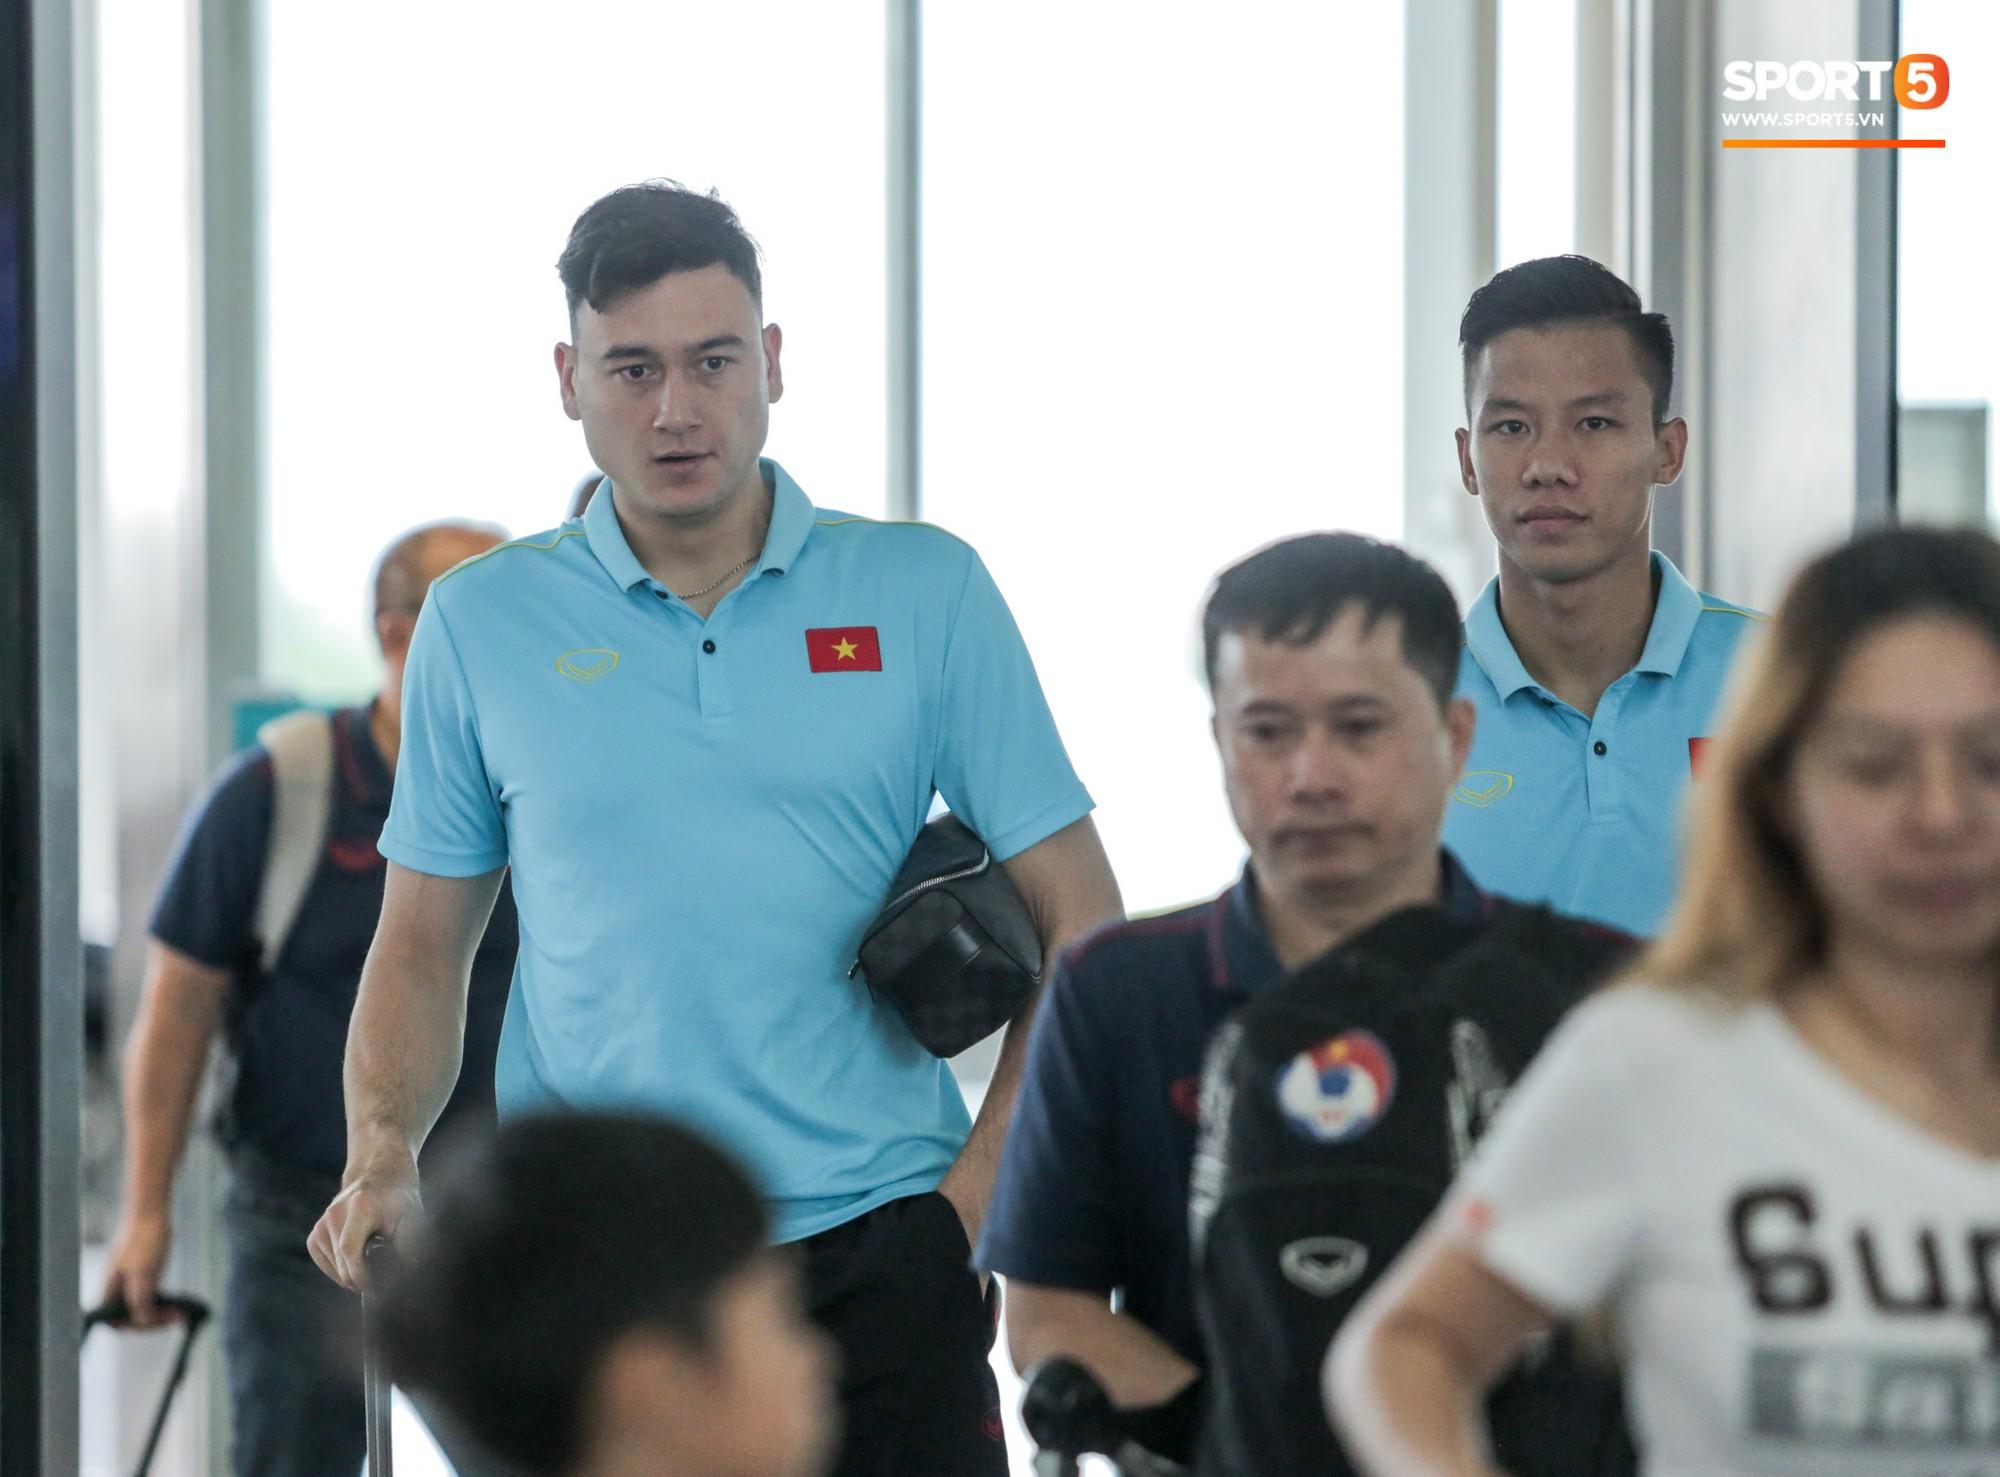 Tuyển thủ Việt Nam ngái ngủ, tóc rối bù vì phải dậy sớm ra sân bay sang Thái Lan - Ảnh 10.